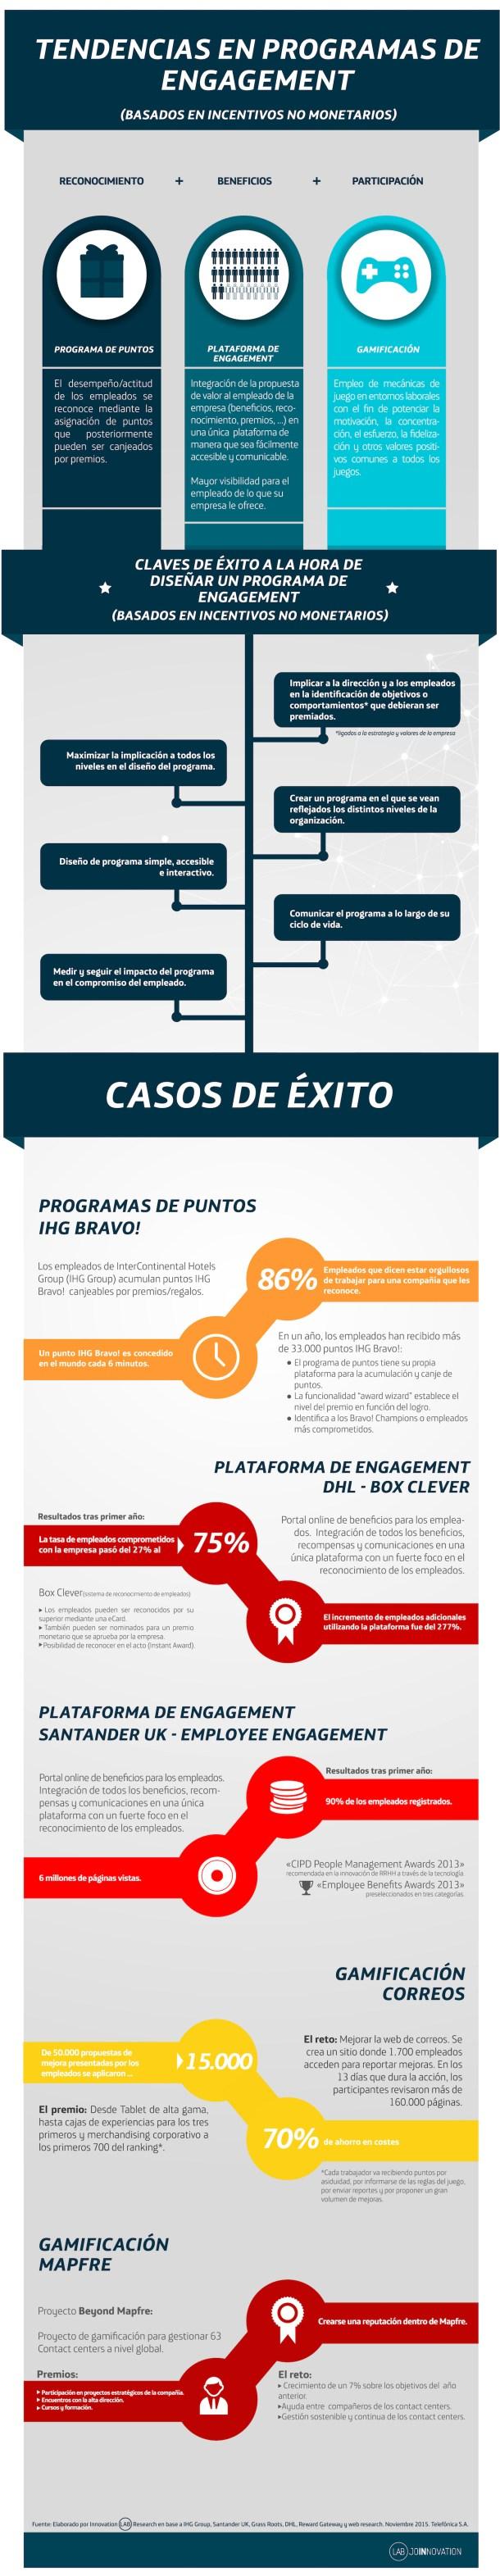 af_infografía_INCENTIVOS NO MONETARIOS_cambiosDACIL